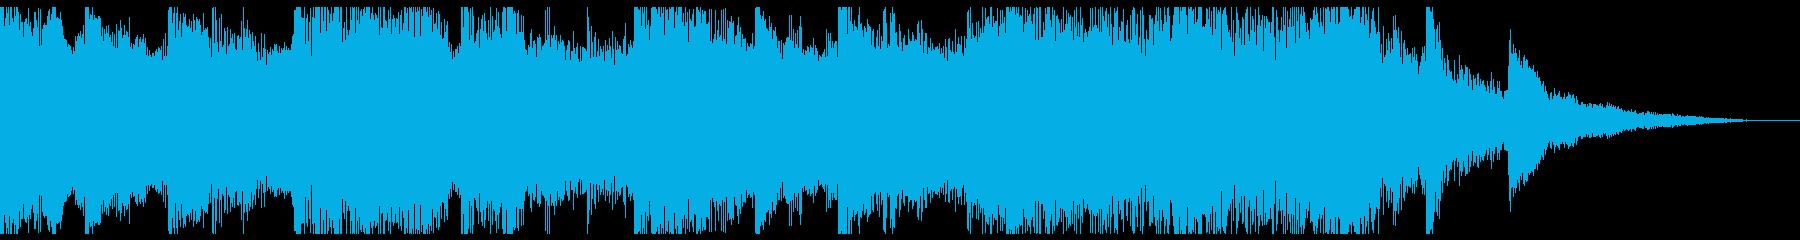 三味線がクールなインスト♪の再生済みの波形